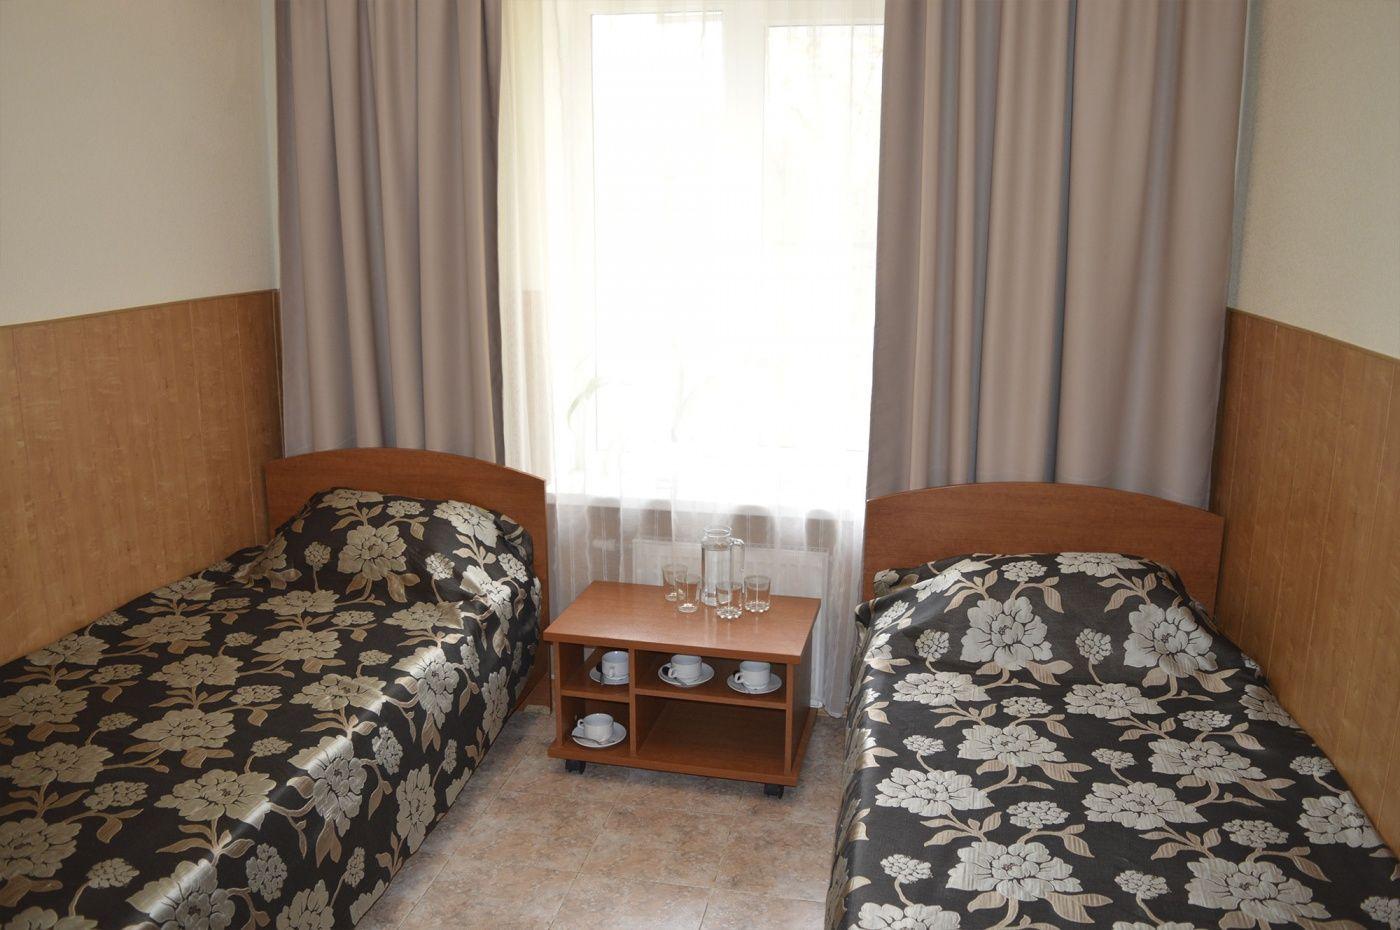 """Парк-отель """"Пересвет"""" Волгоградская область 2-местный номер Double/Twin в гостинице, фото 2"""